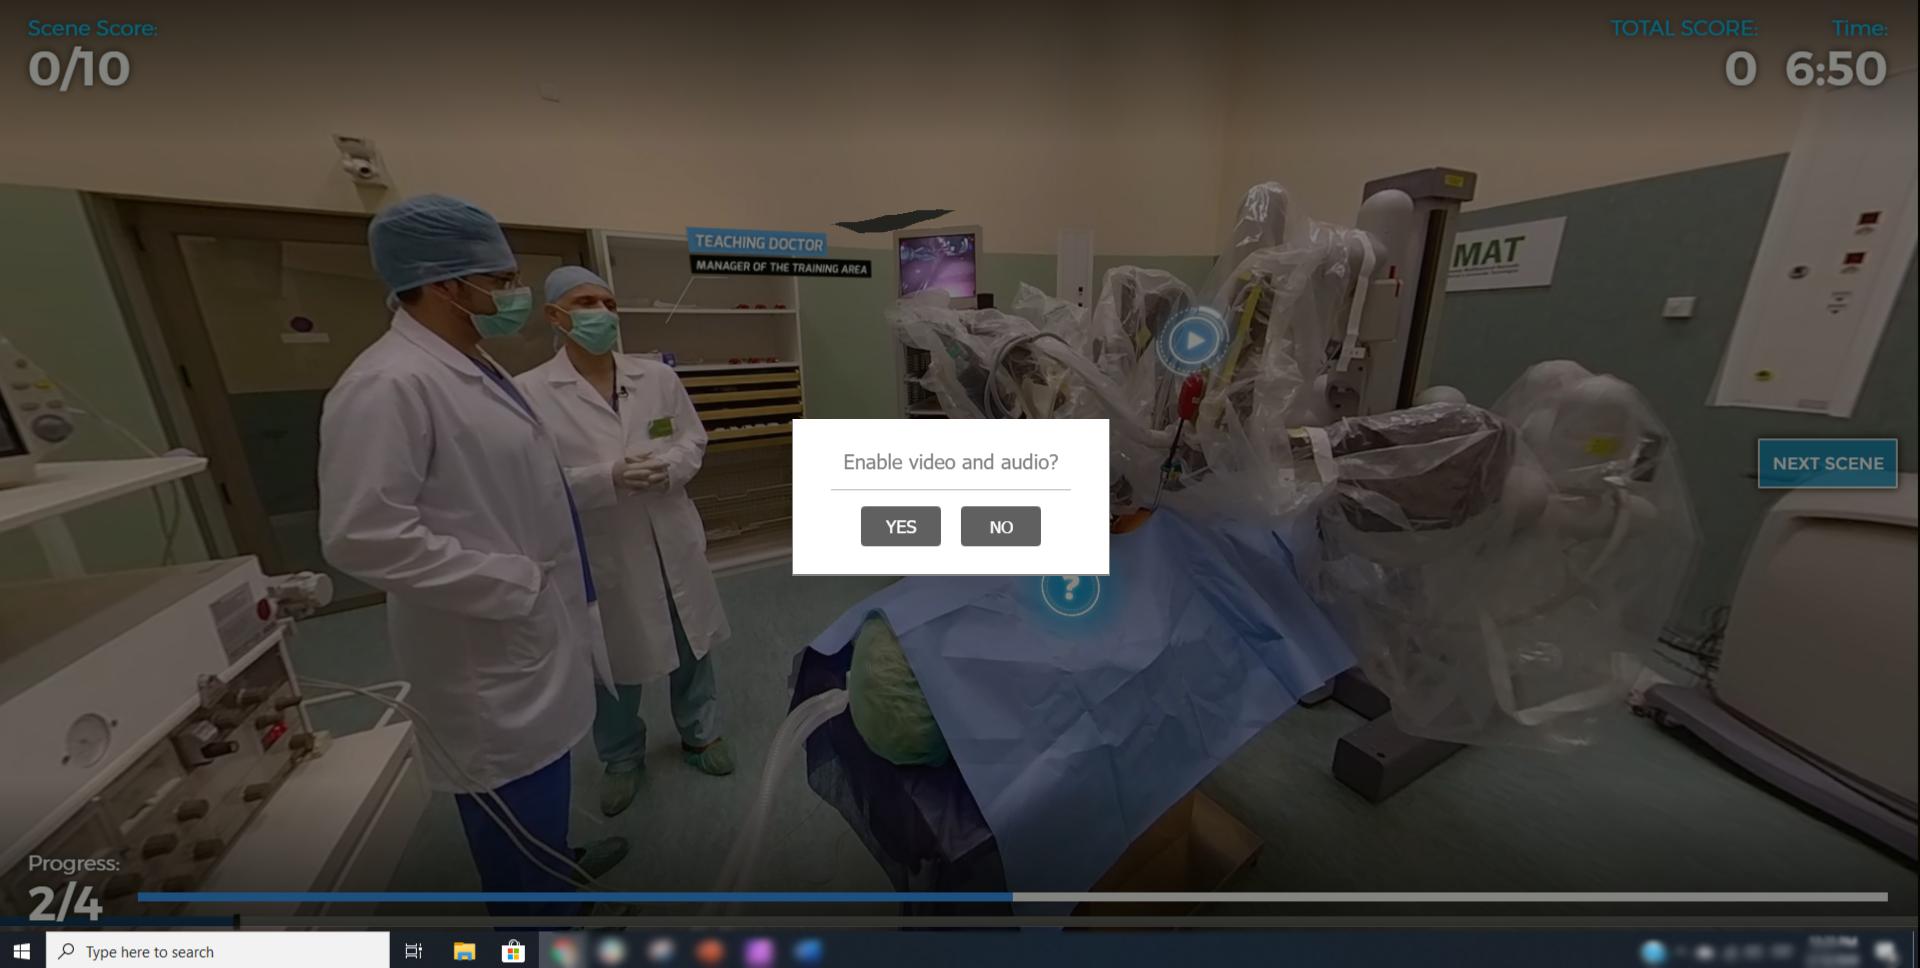 «Habilitar Video y Audio?» Cómo deshacerse de esta ventana